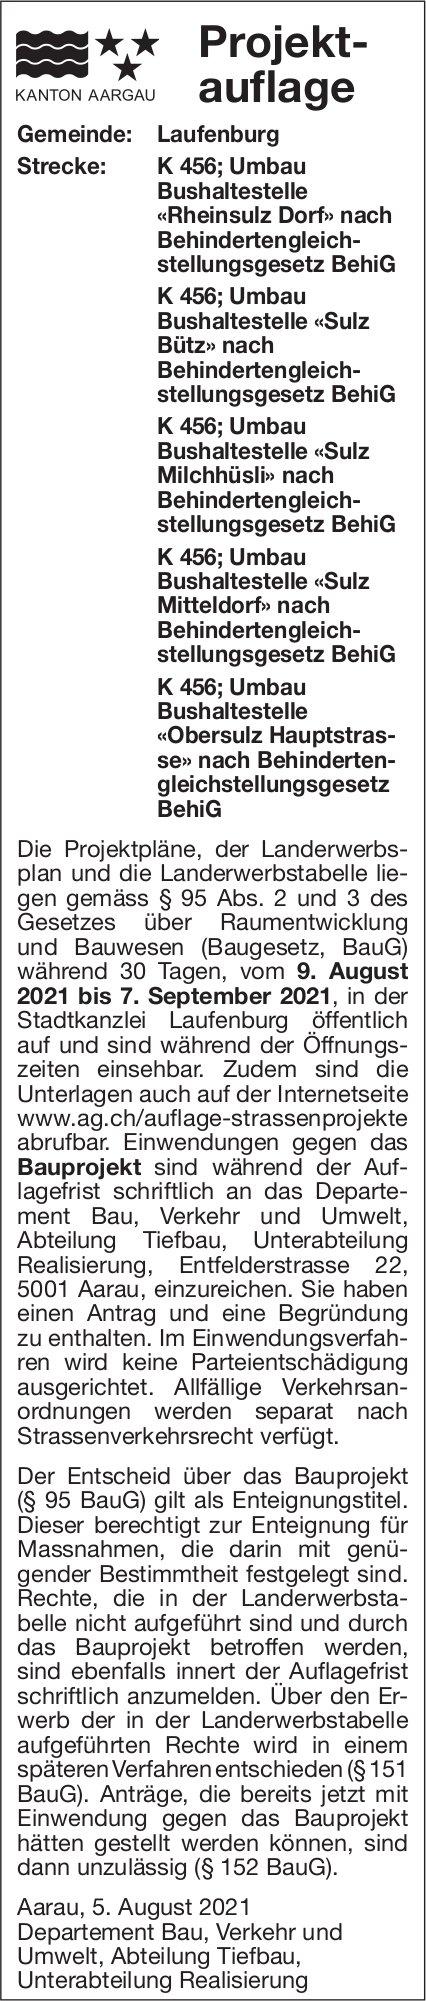 Kanton Aargau, Aarau - Projektauflage Laufenburg